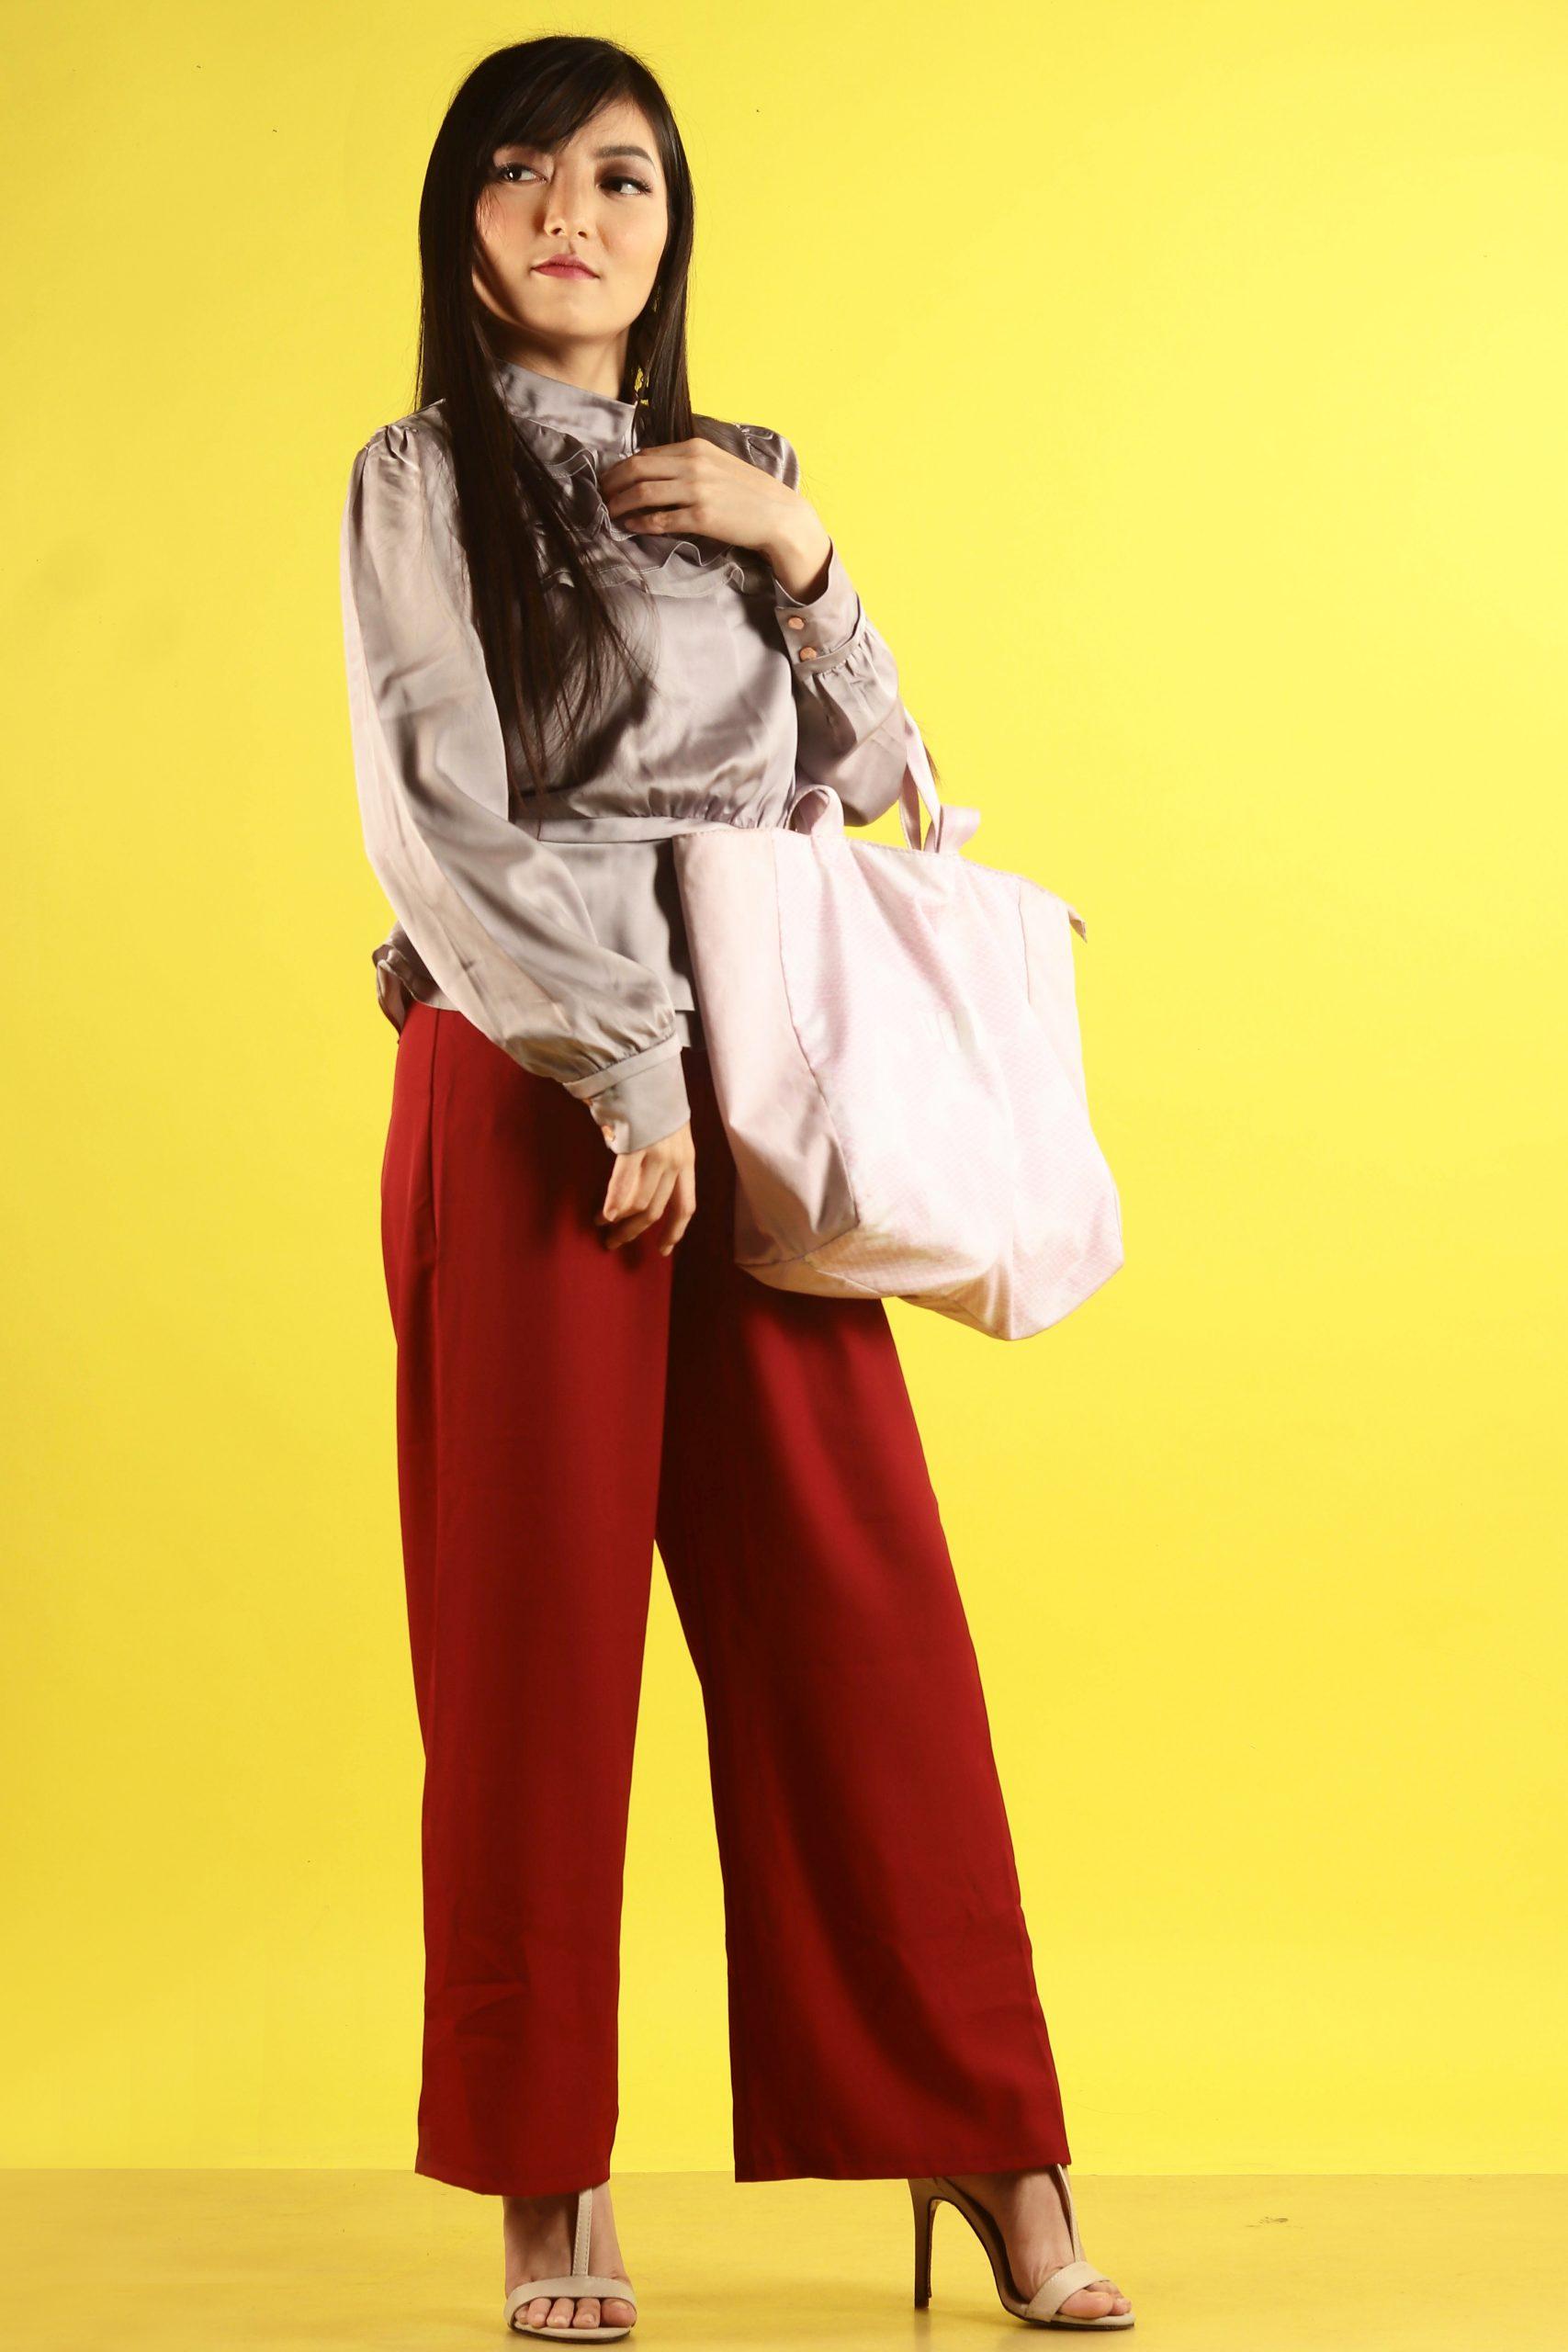 girl posing with handbag